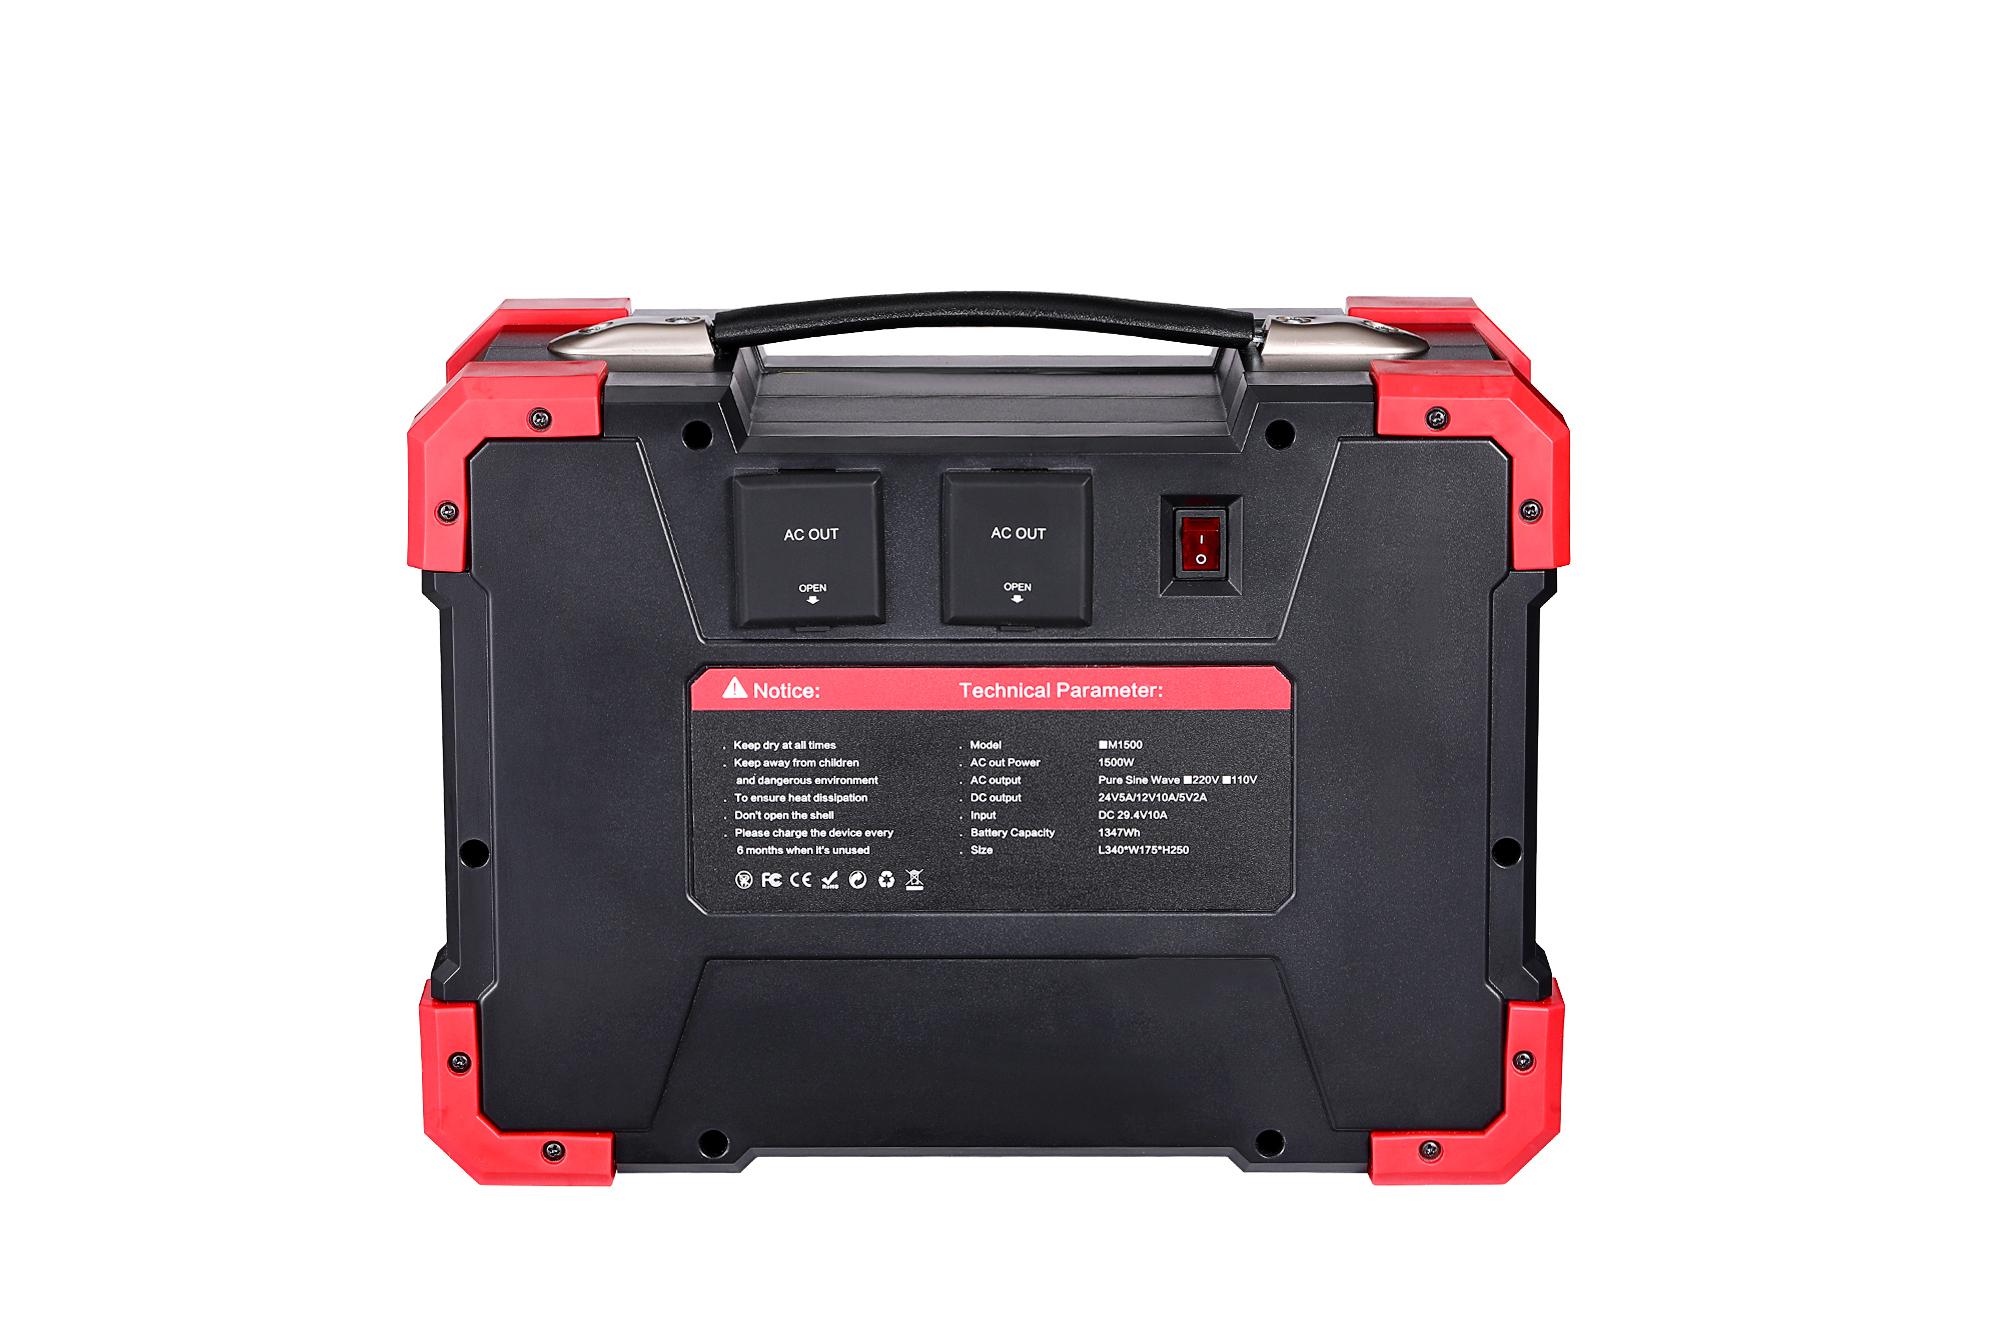 Batterie externe haute capacité RDG P1500 solaire énergie renouvelable